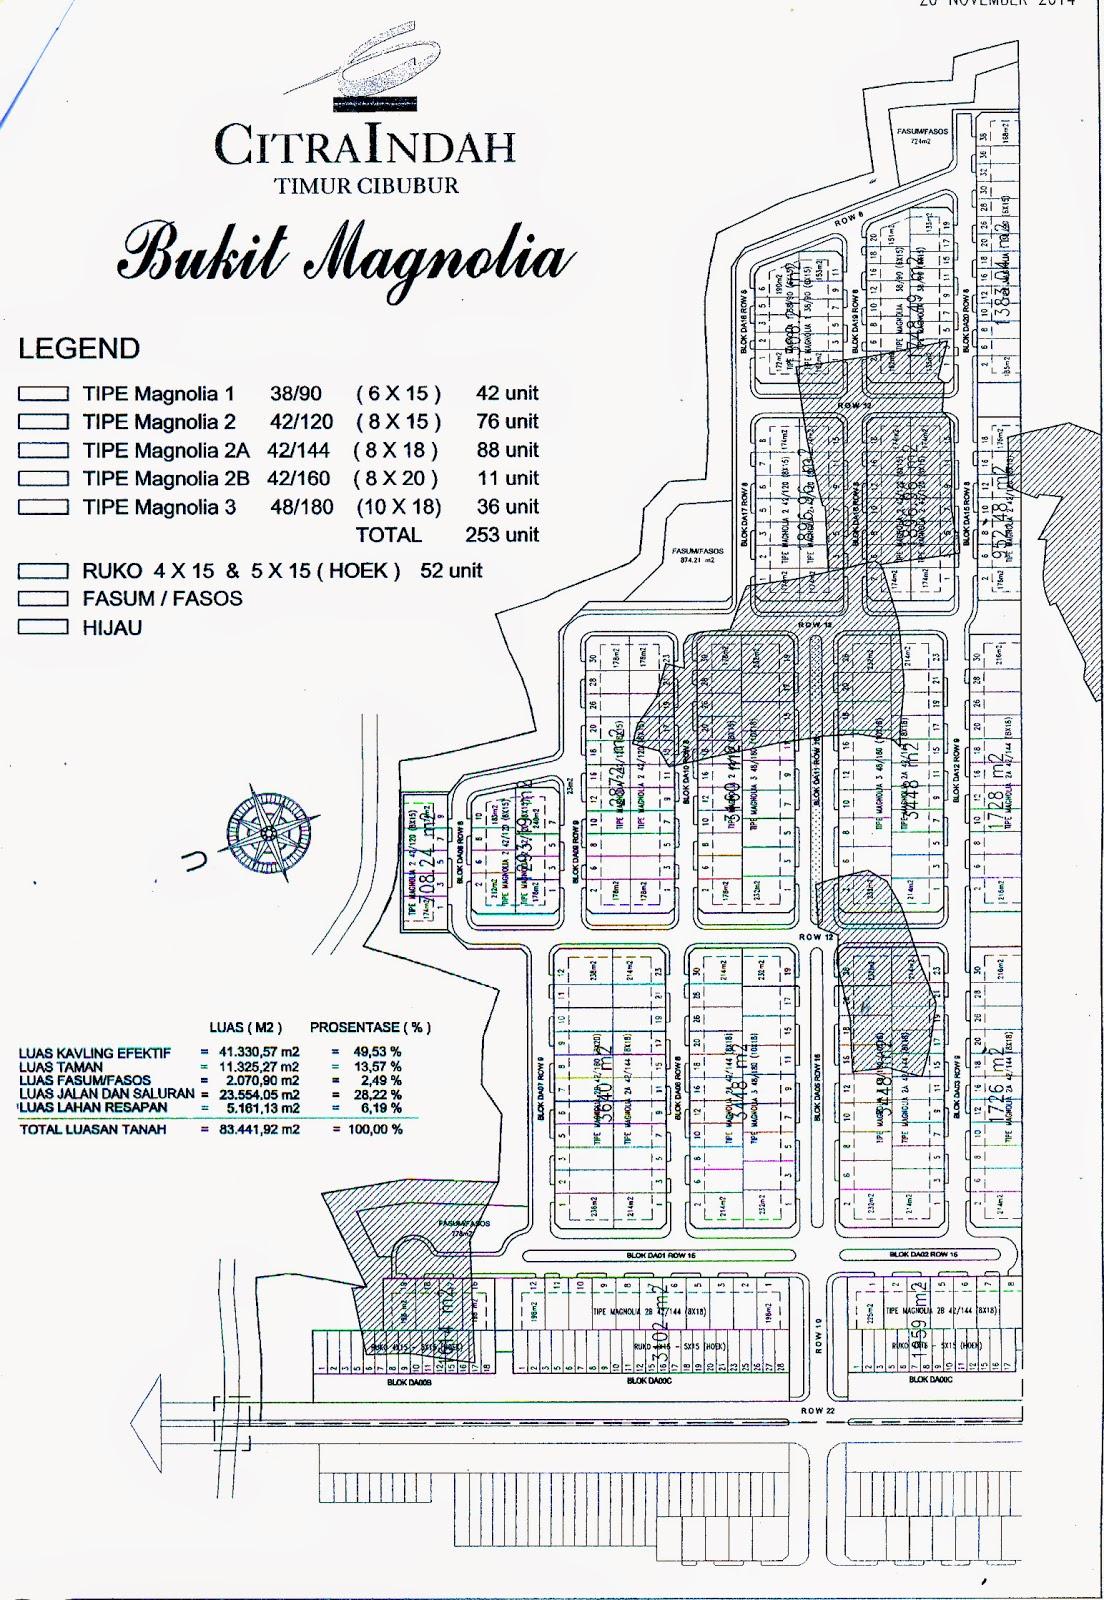 Siteplan Cluster Bukit Magnolia Citra Indah